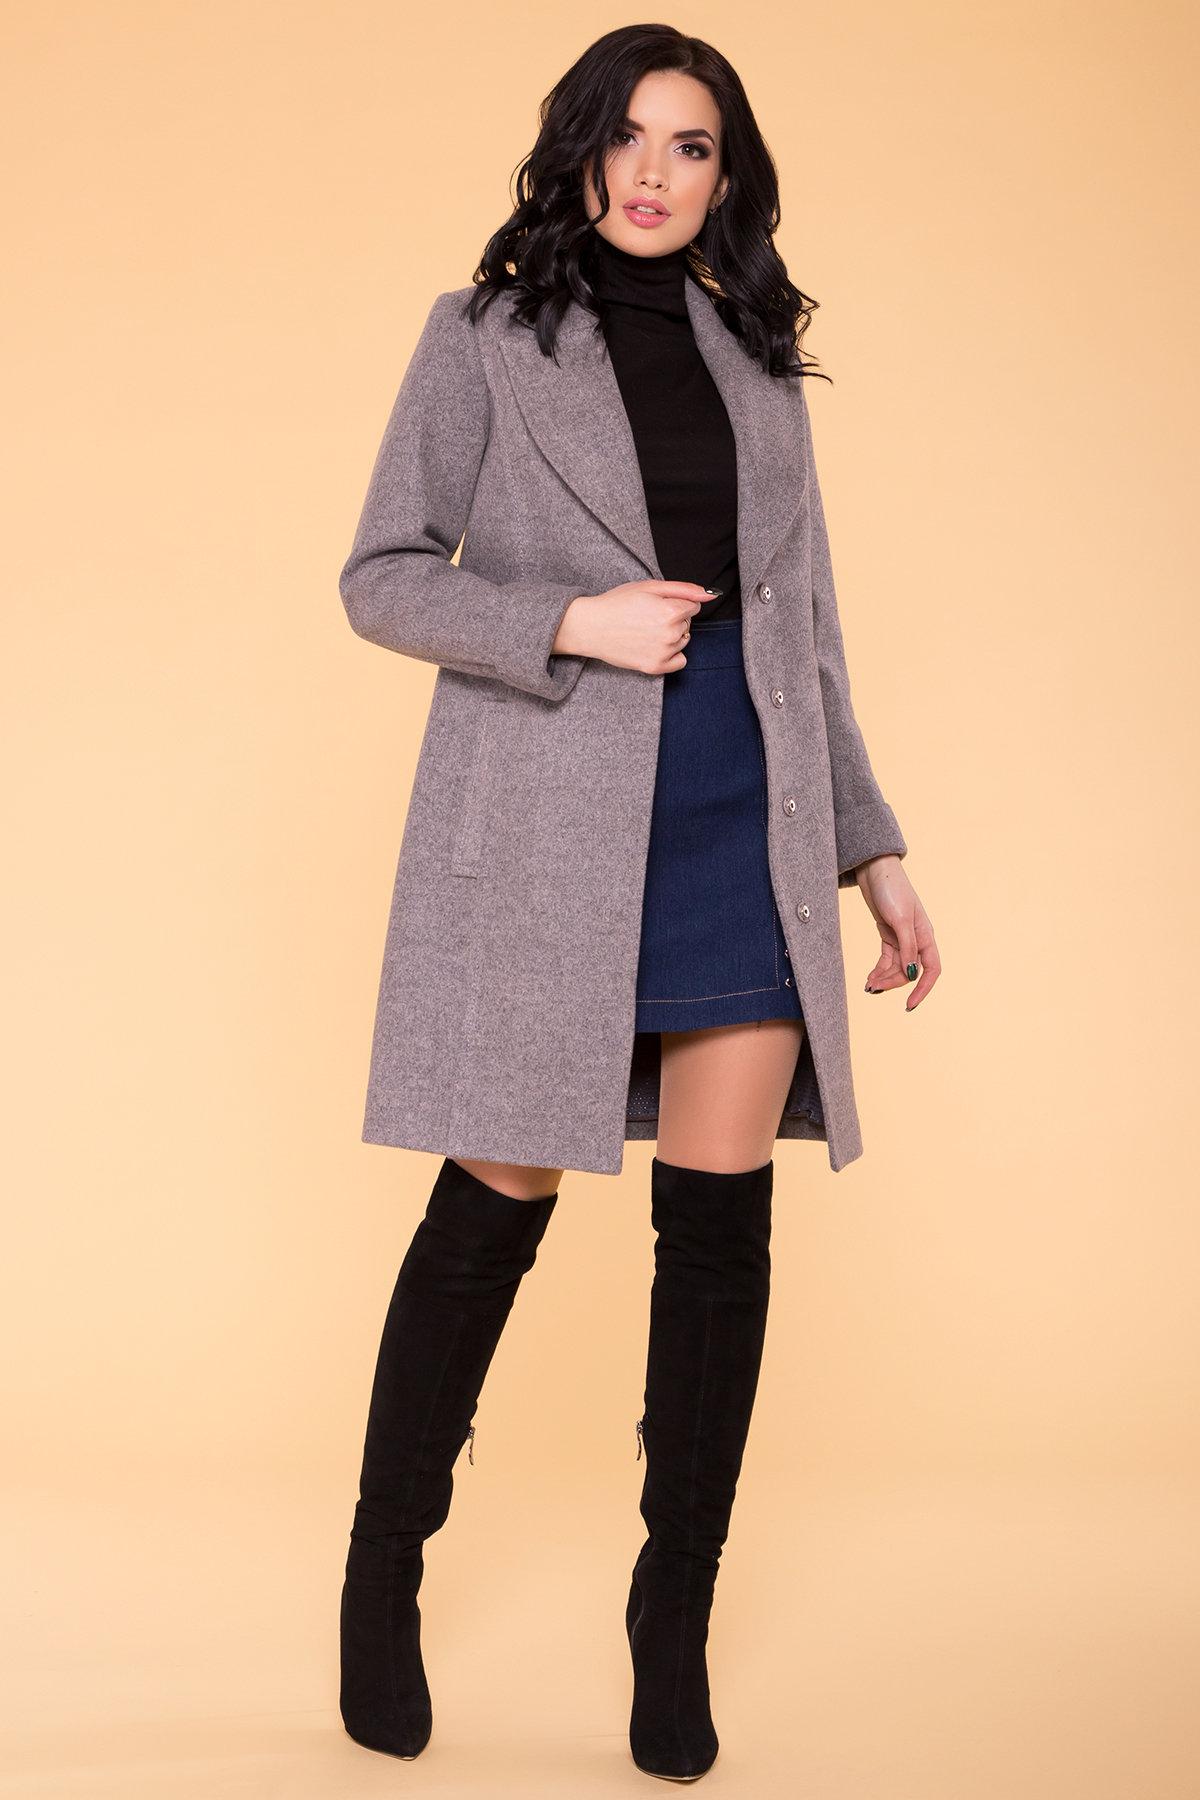 Пальто Лесли 6295 АРТ. 41118 Цвет: Карамель 20/1 - фото 3, интернет магазин tm-modus.ru